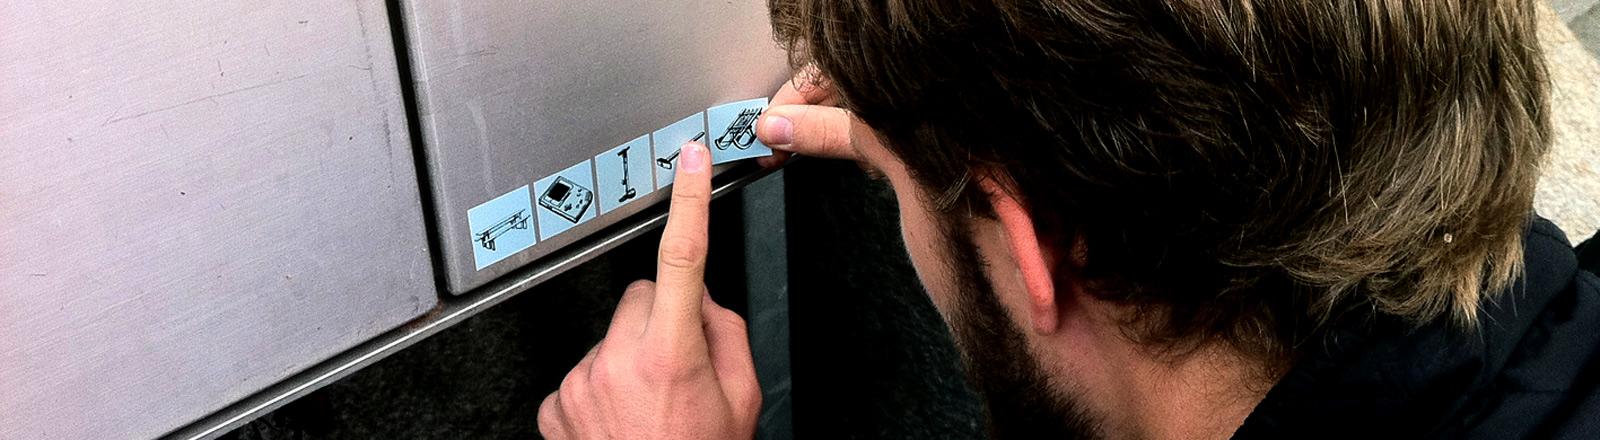 Eine Person klebt Sticker mit Gegenständen auf einen Briefkasten.